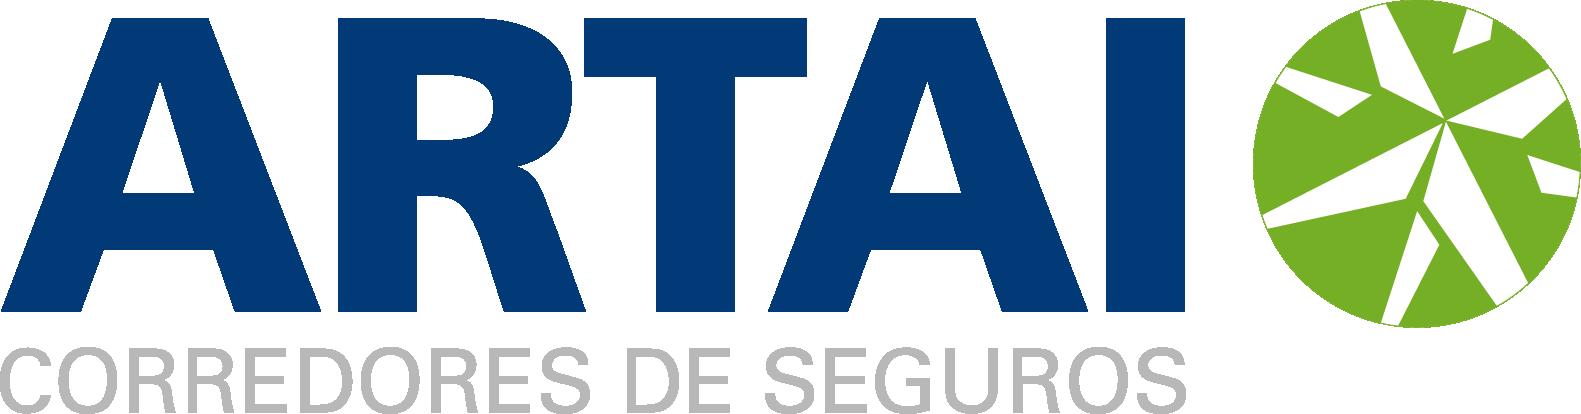 ARTAI supera los 15 millones de euros de facturación en 2018